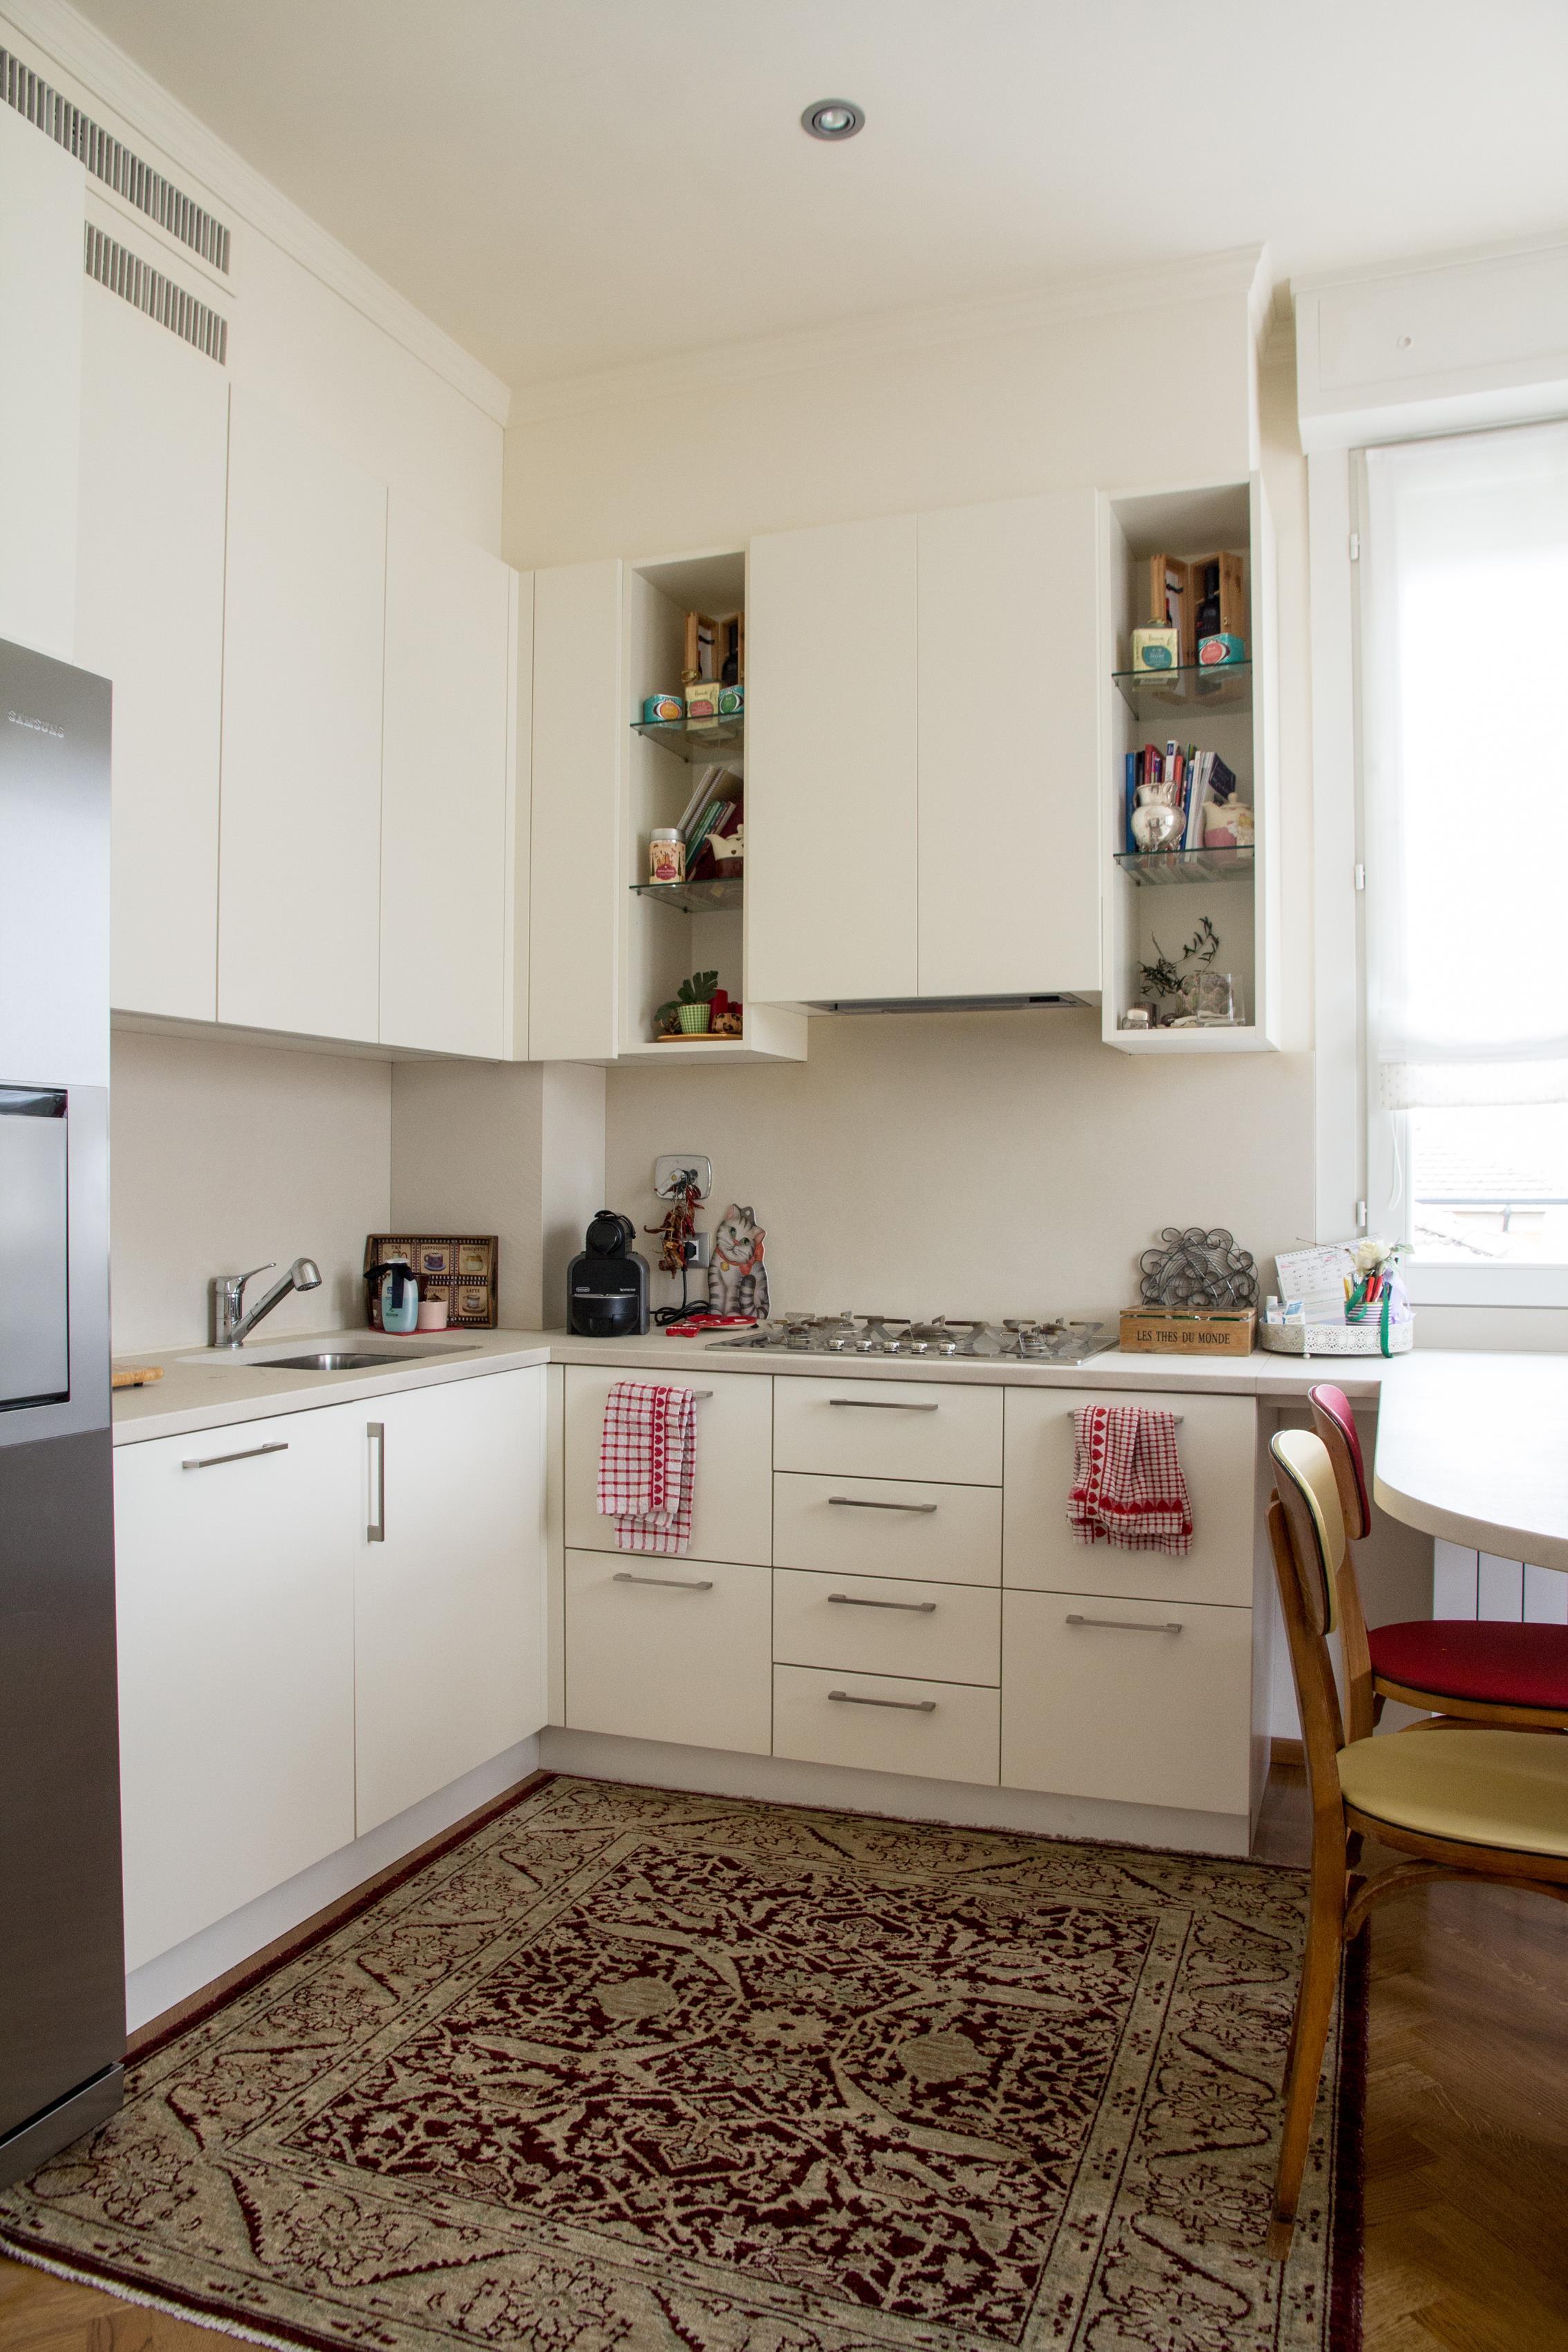 49 Cucina Stile Classico Con Basi Pensili E Colenne Laccate Piano Top  #40291C 2268 3402 Top Cucina Corian O Quarzo